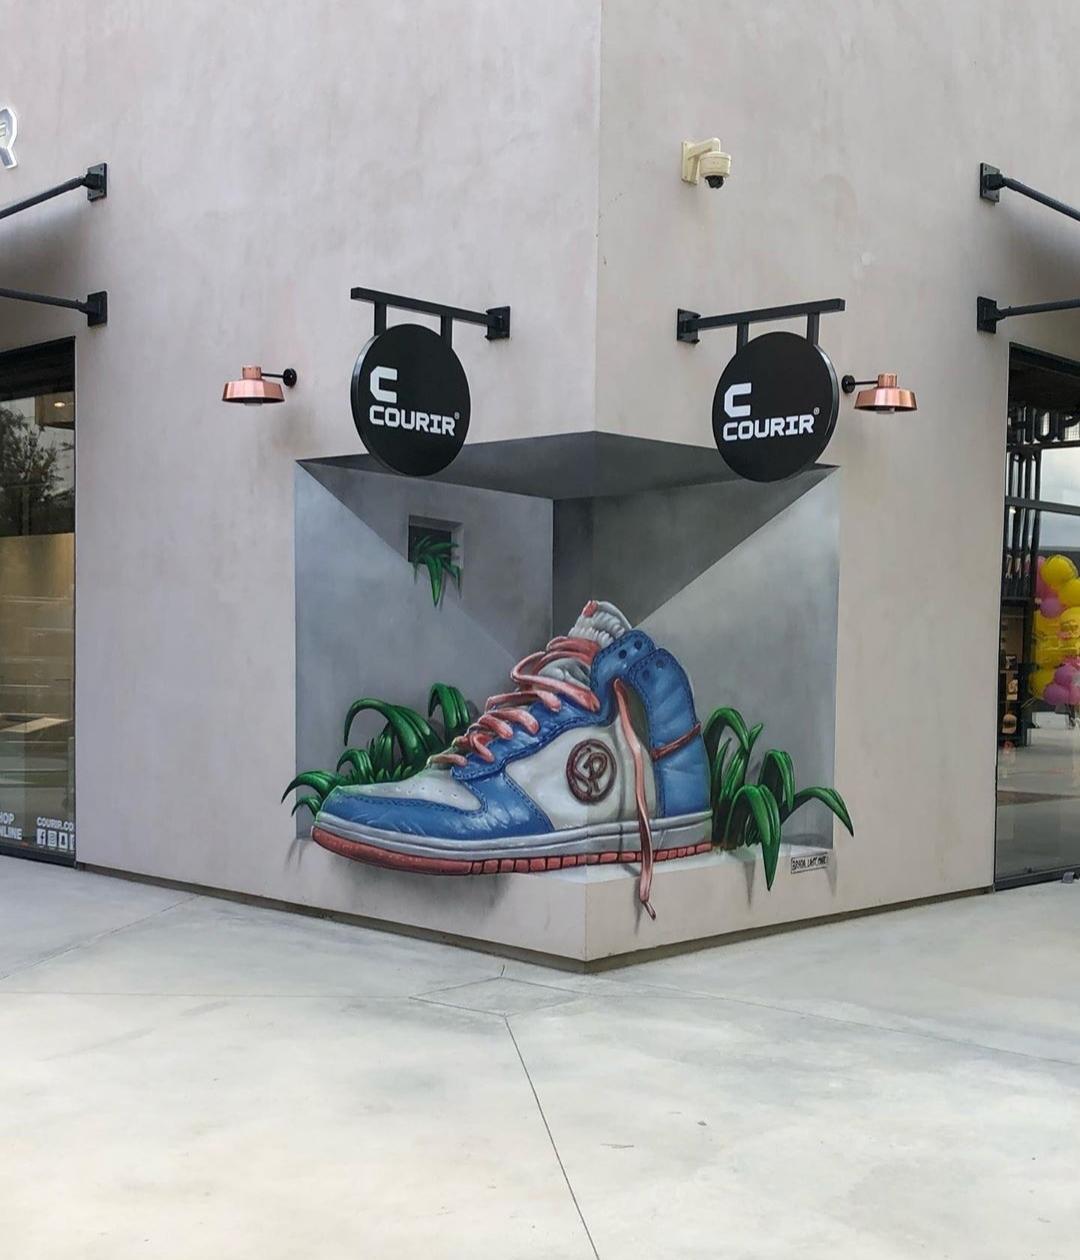 braga last 1 street art